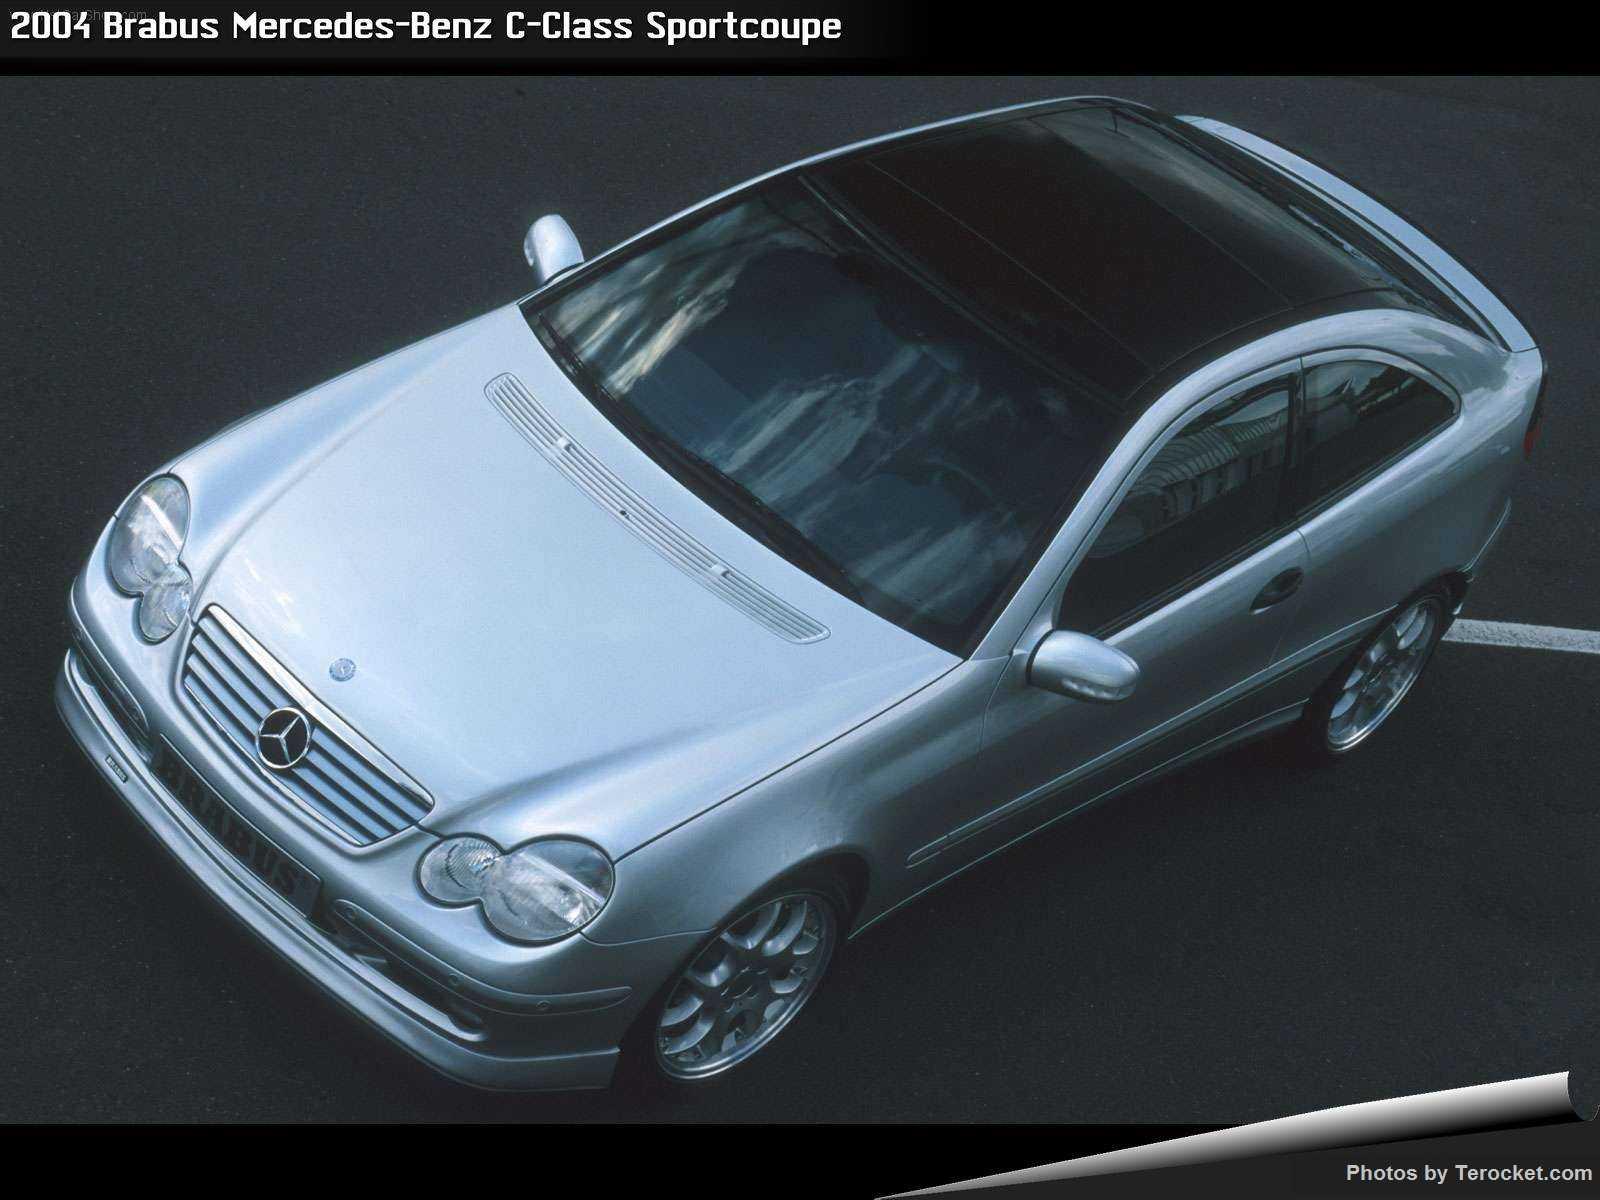 Hình ảnh xe ô tô Brabus Mercedes-Benz C-Class Sportcoupe 2004 & nội ngoại thất